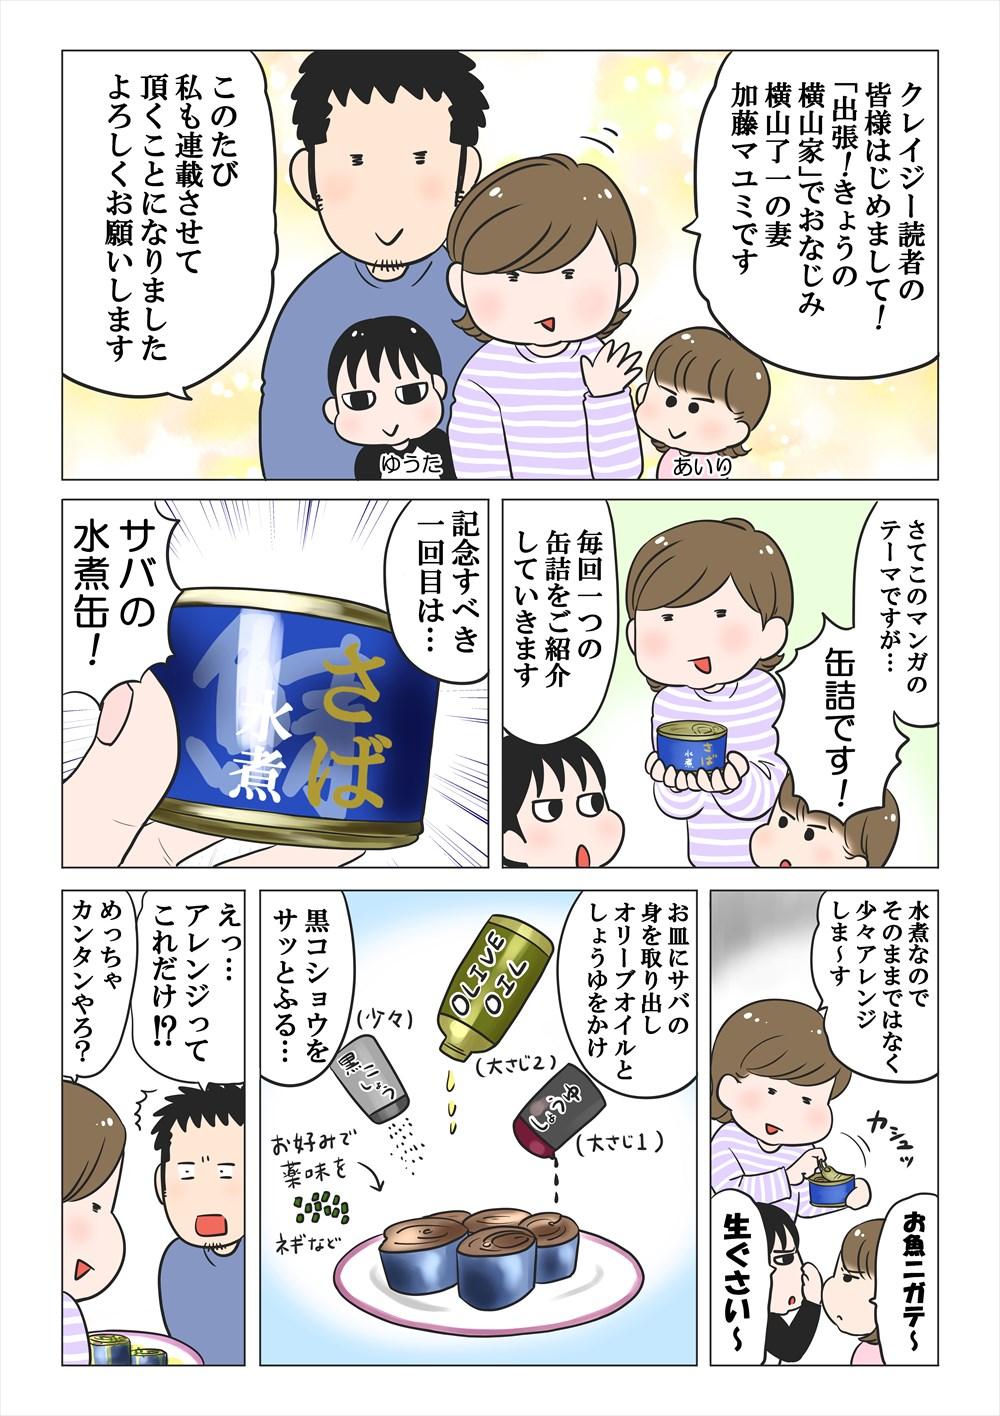 きょうの缶詰なに食べる?_001